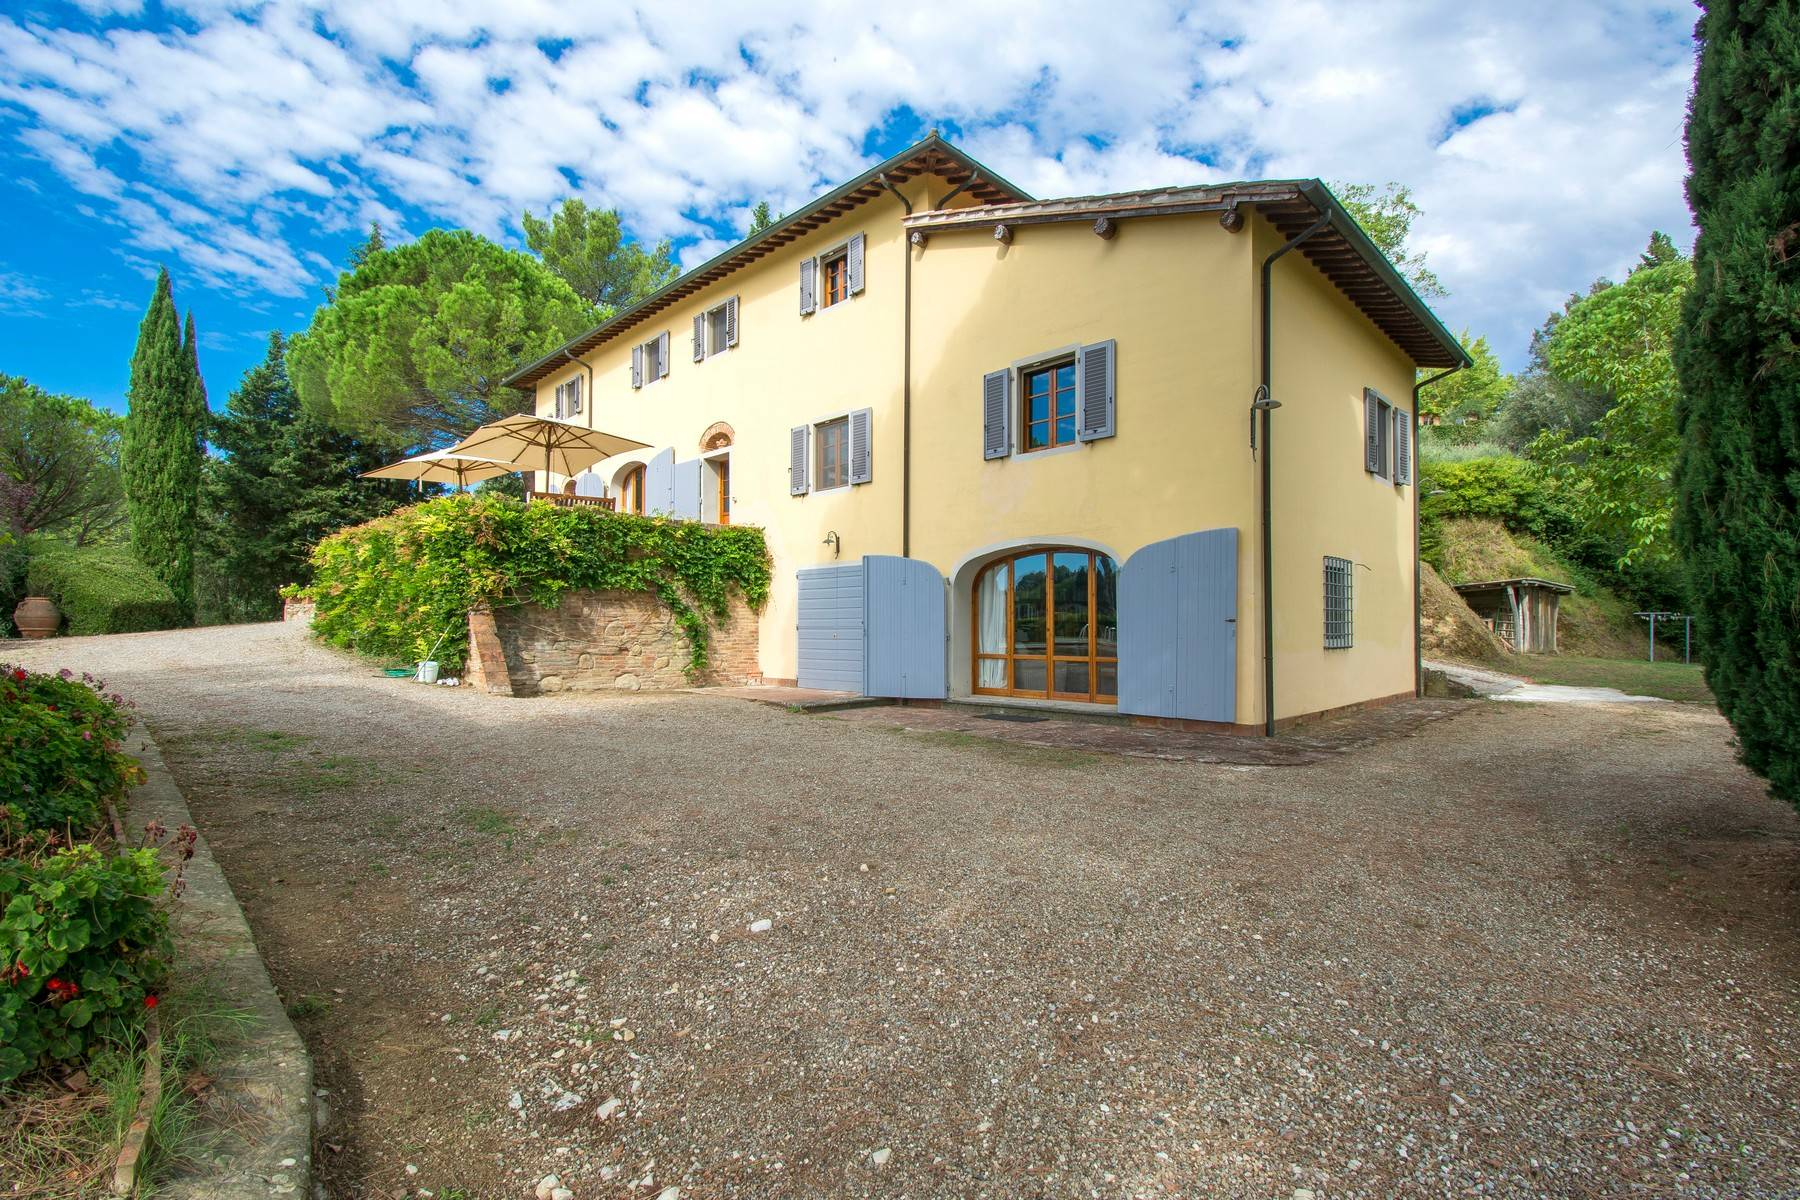 Villa in Vendita a Montopoli In Val D'Arno: 5 locali, 400 mq - Foto 2